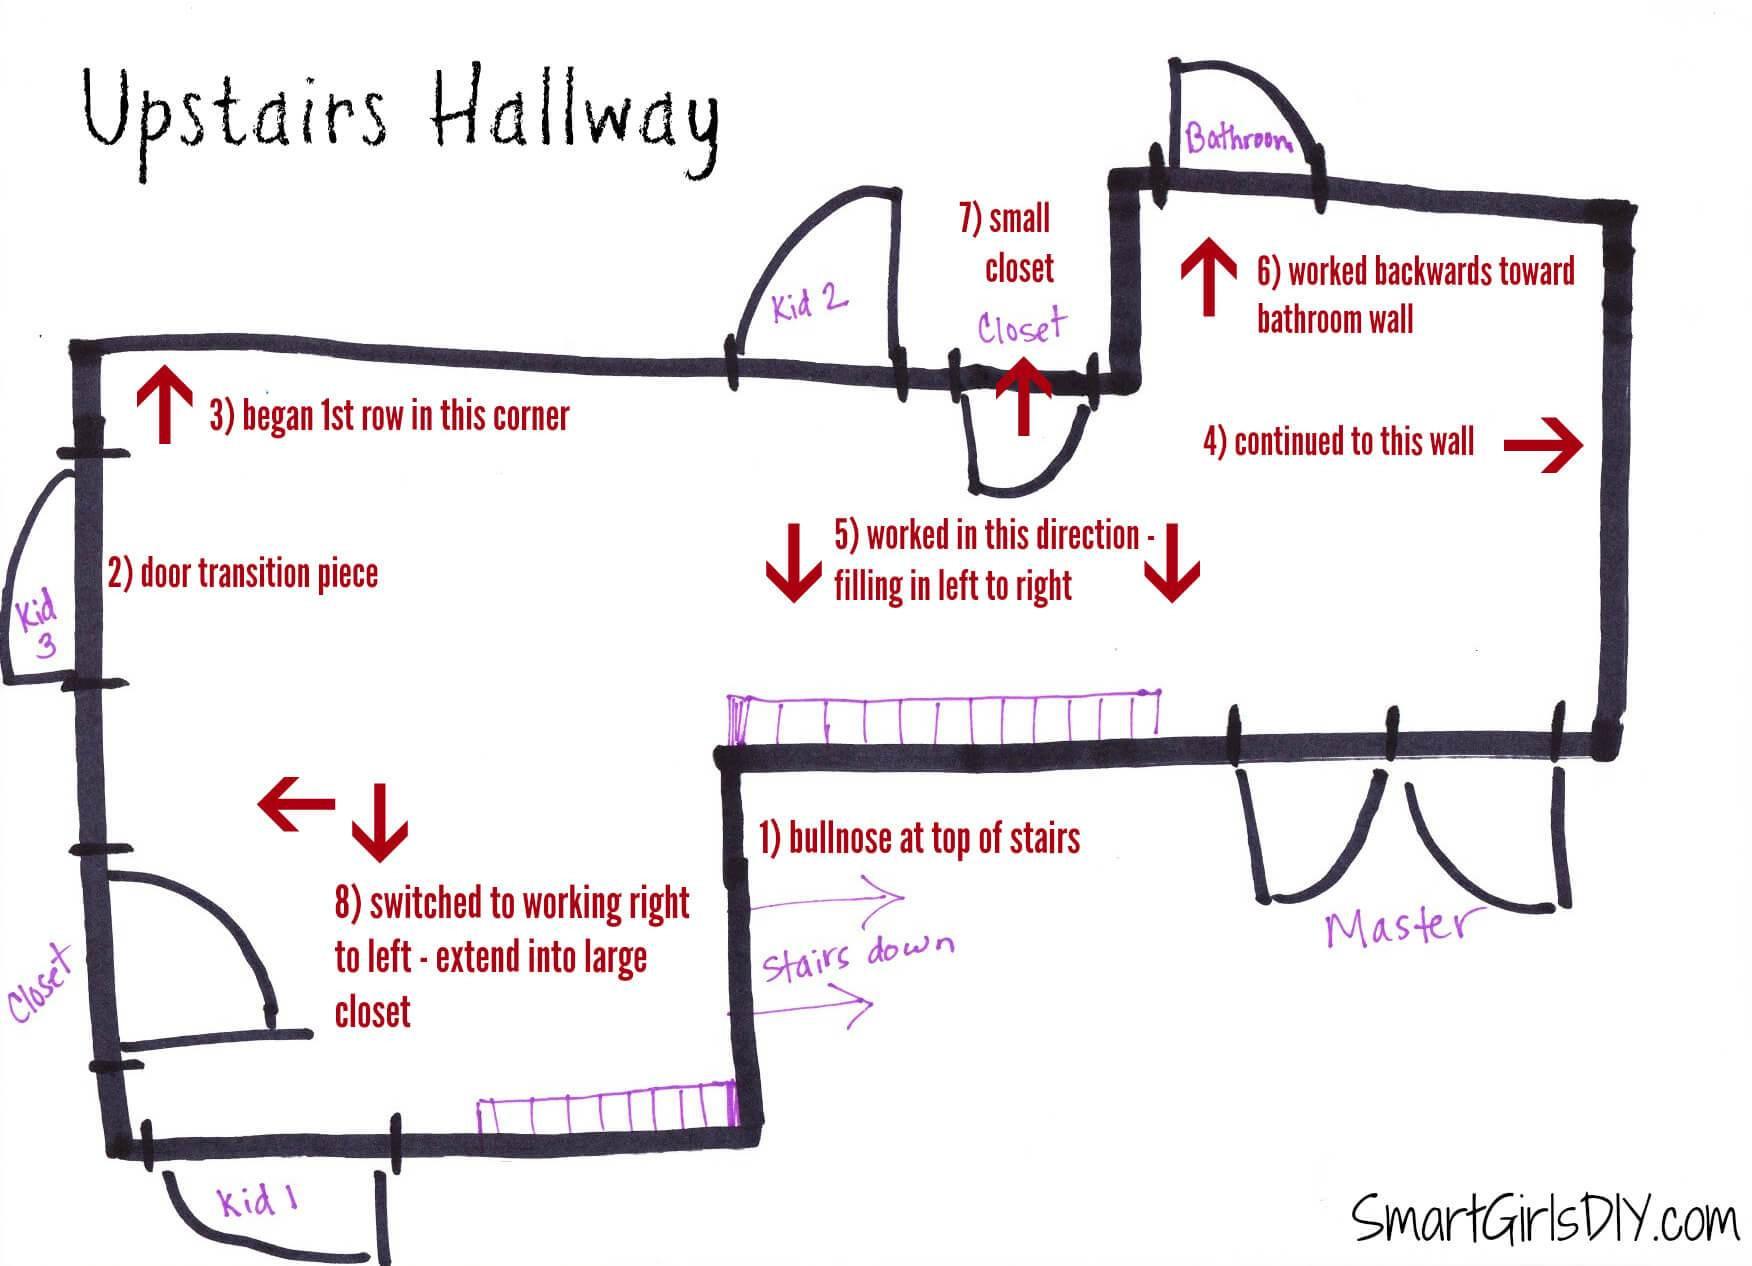 hardwood floor top of stairs of upstairs hallway 1 installing hardwood floors regarding upstairs hallway layout installing hardwood floor